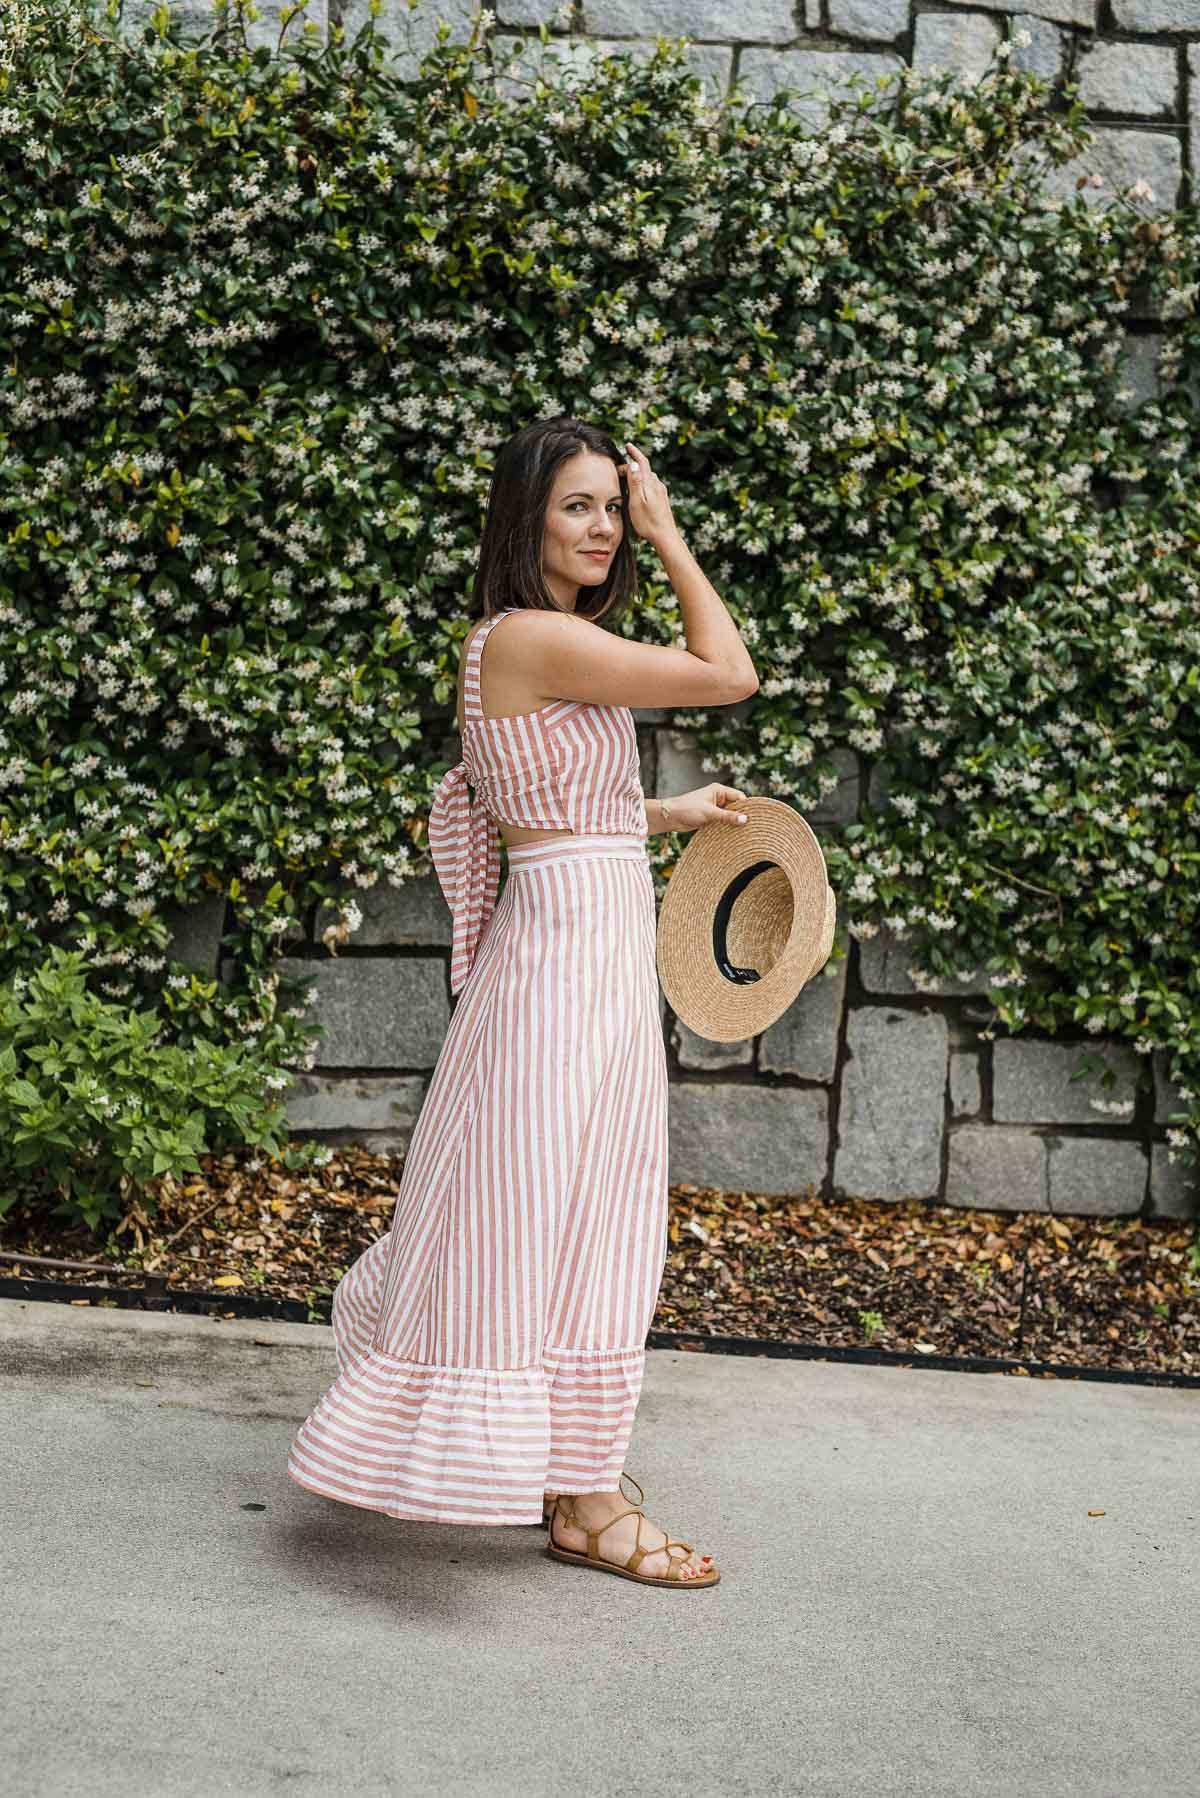 My Style Vita is wearing a Paddo To Palmy  Dress